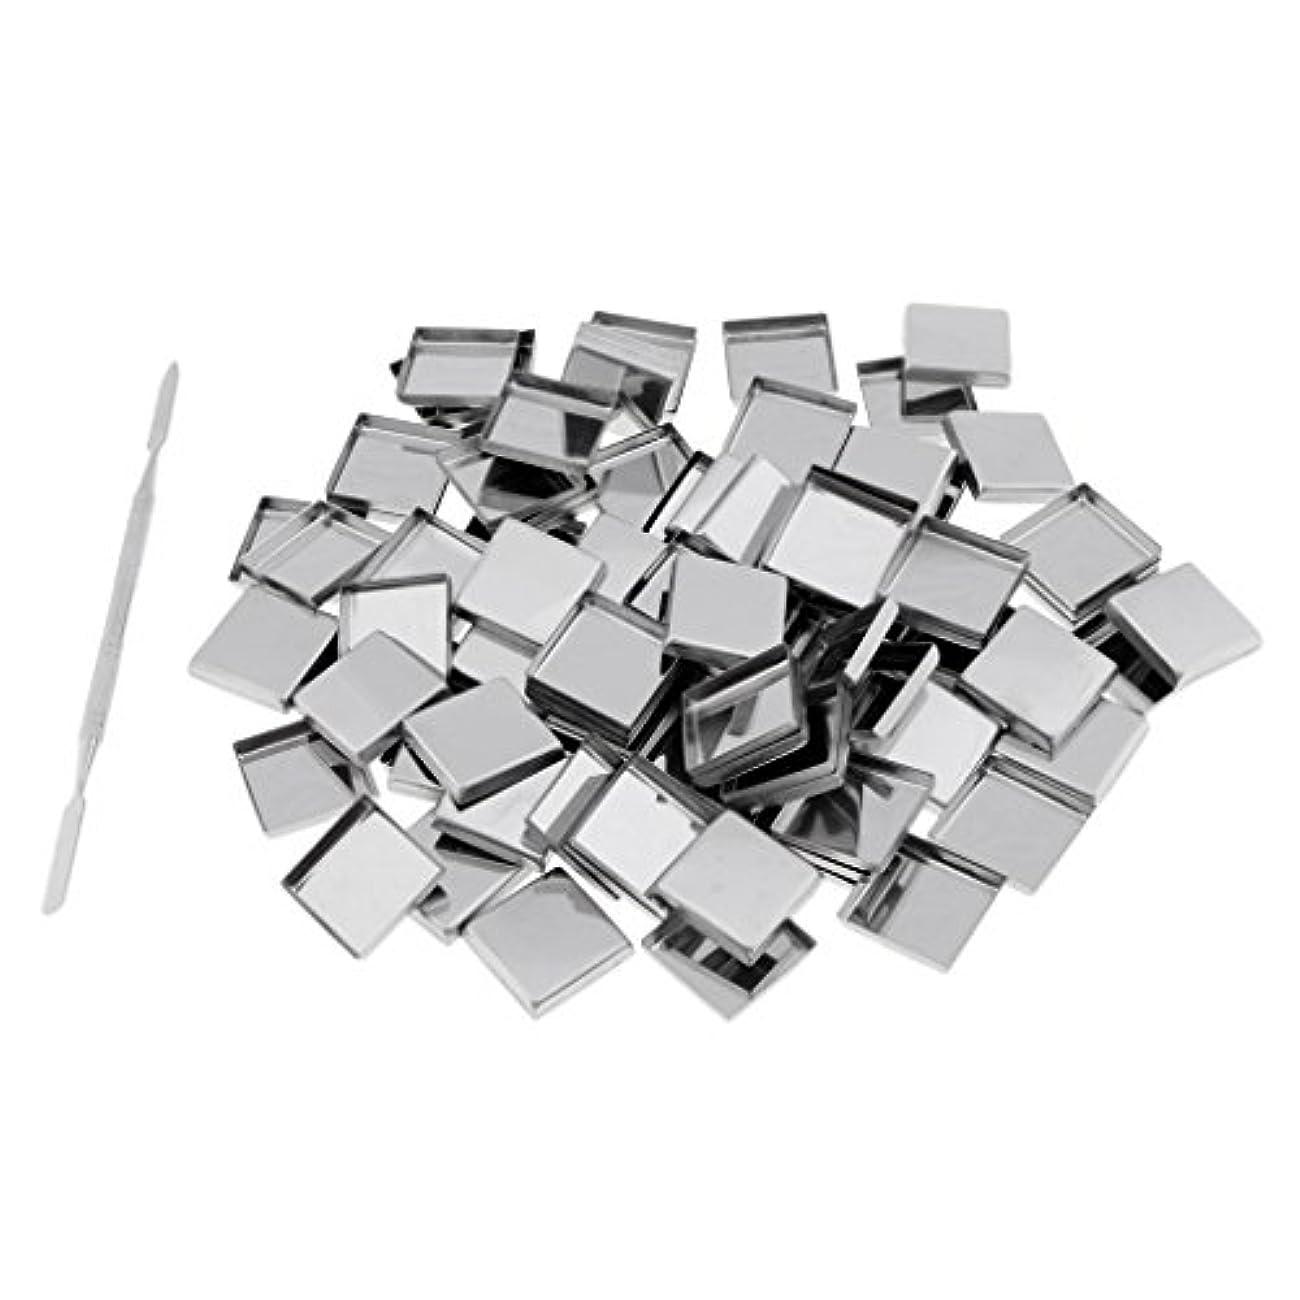 めったに哀促すPerfk 約100個 メイクアップパン 空パン スティック 金属棒  DIYプレス アイシャドウ/ブラッシュ/パウダー/クリーム コスメ DIY 2タイプ選べる  - スクエアパン